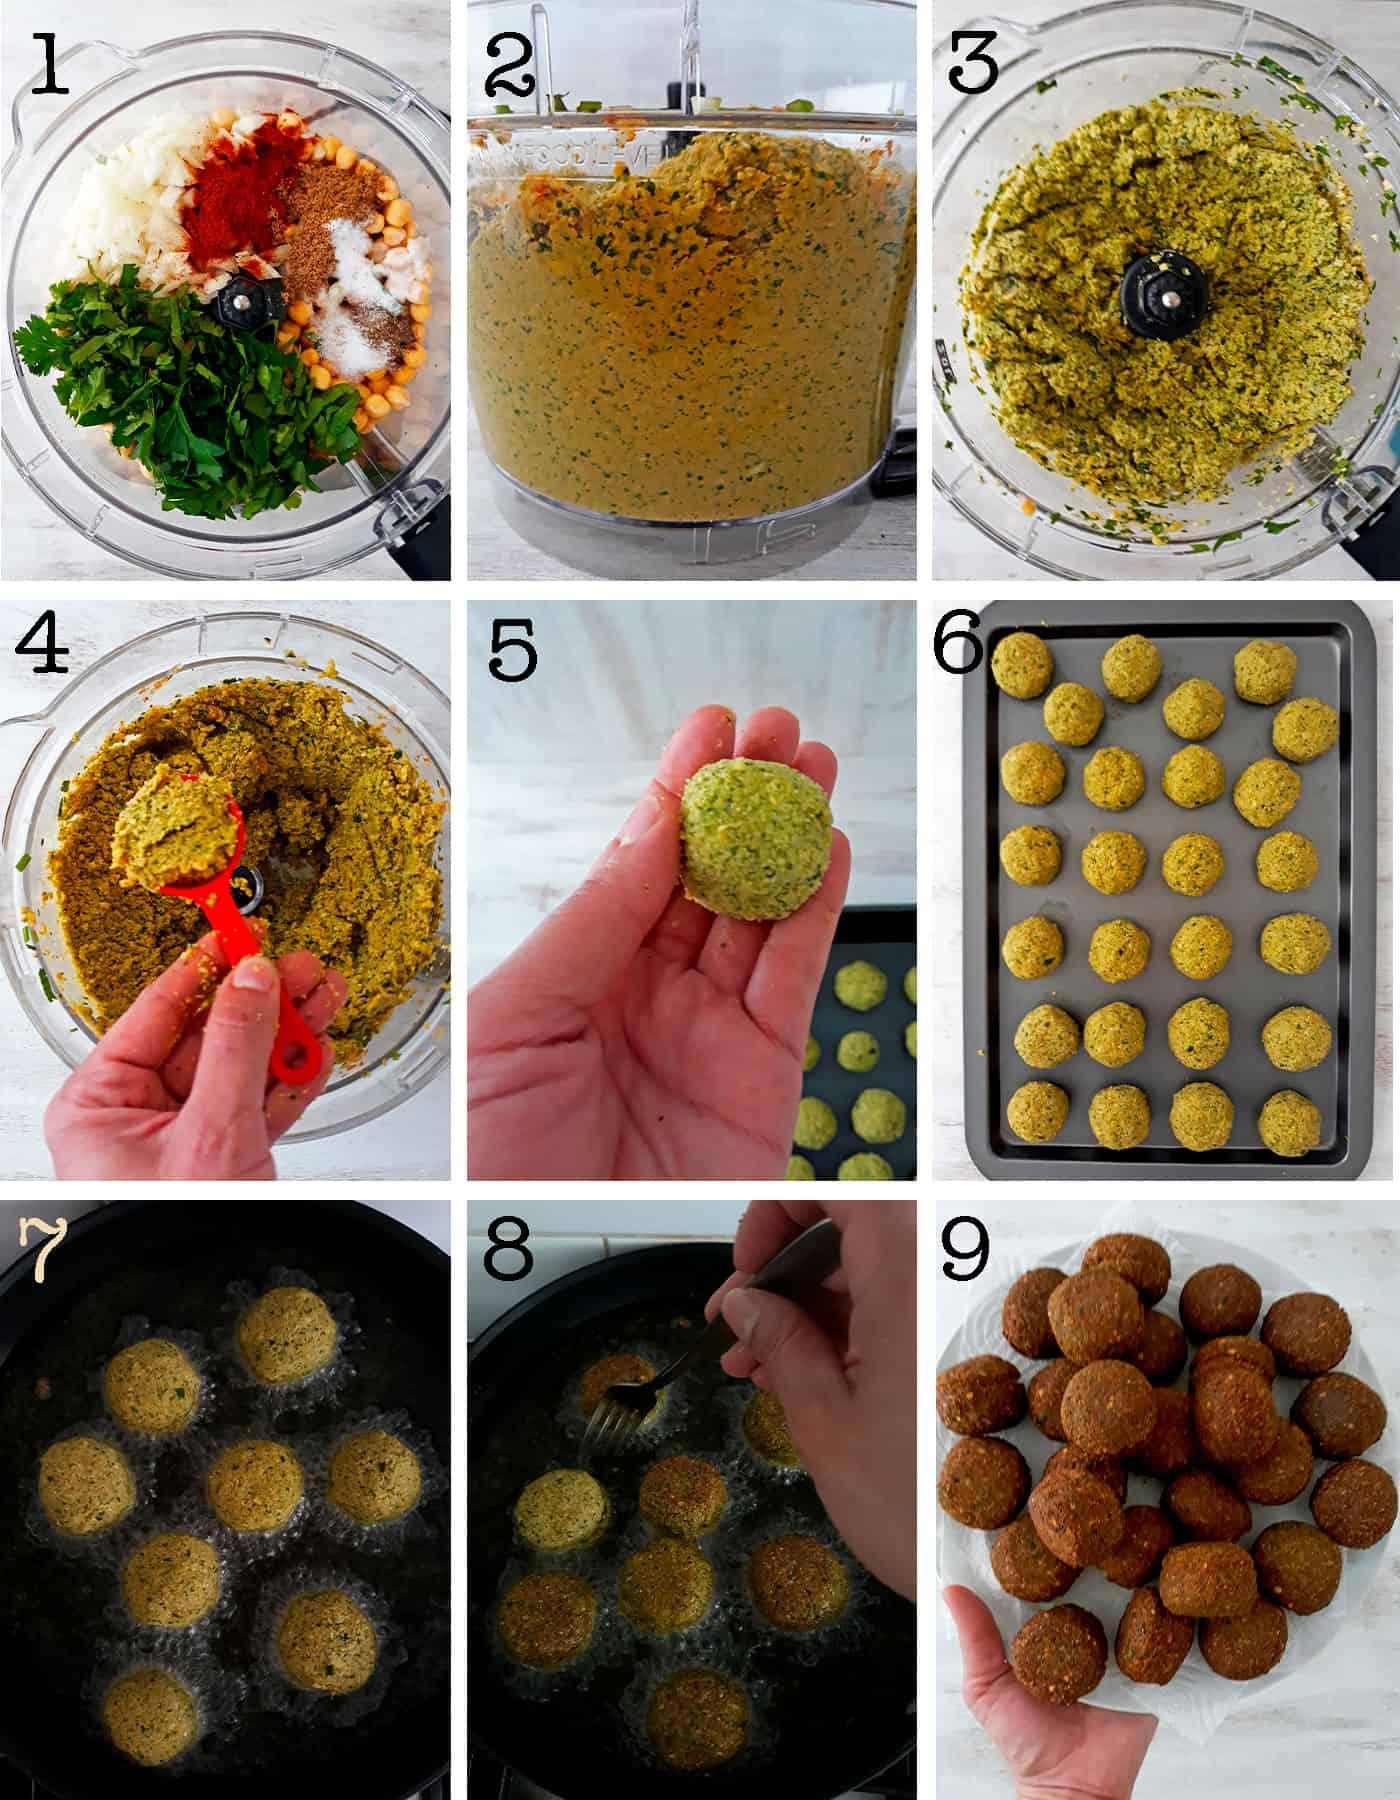 paso a paso para preparar falafels o croquetas de garbanzos